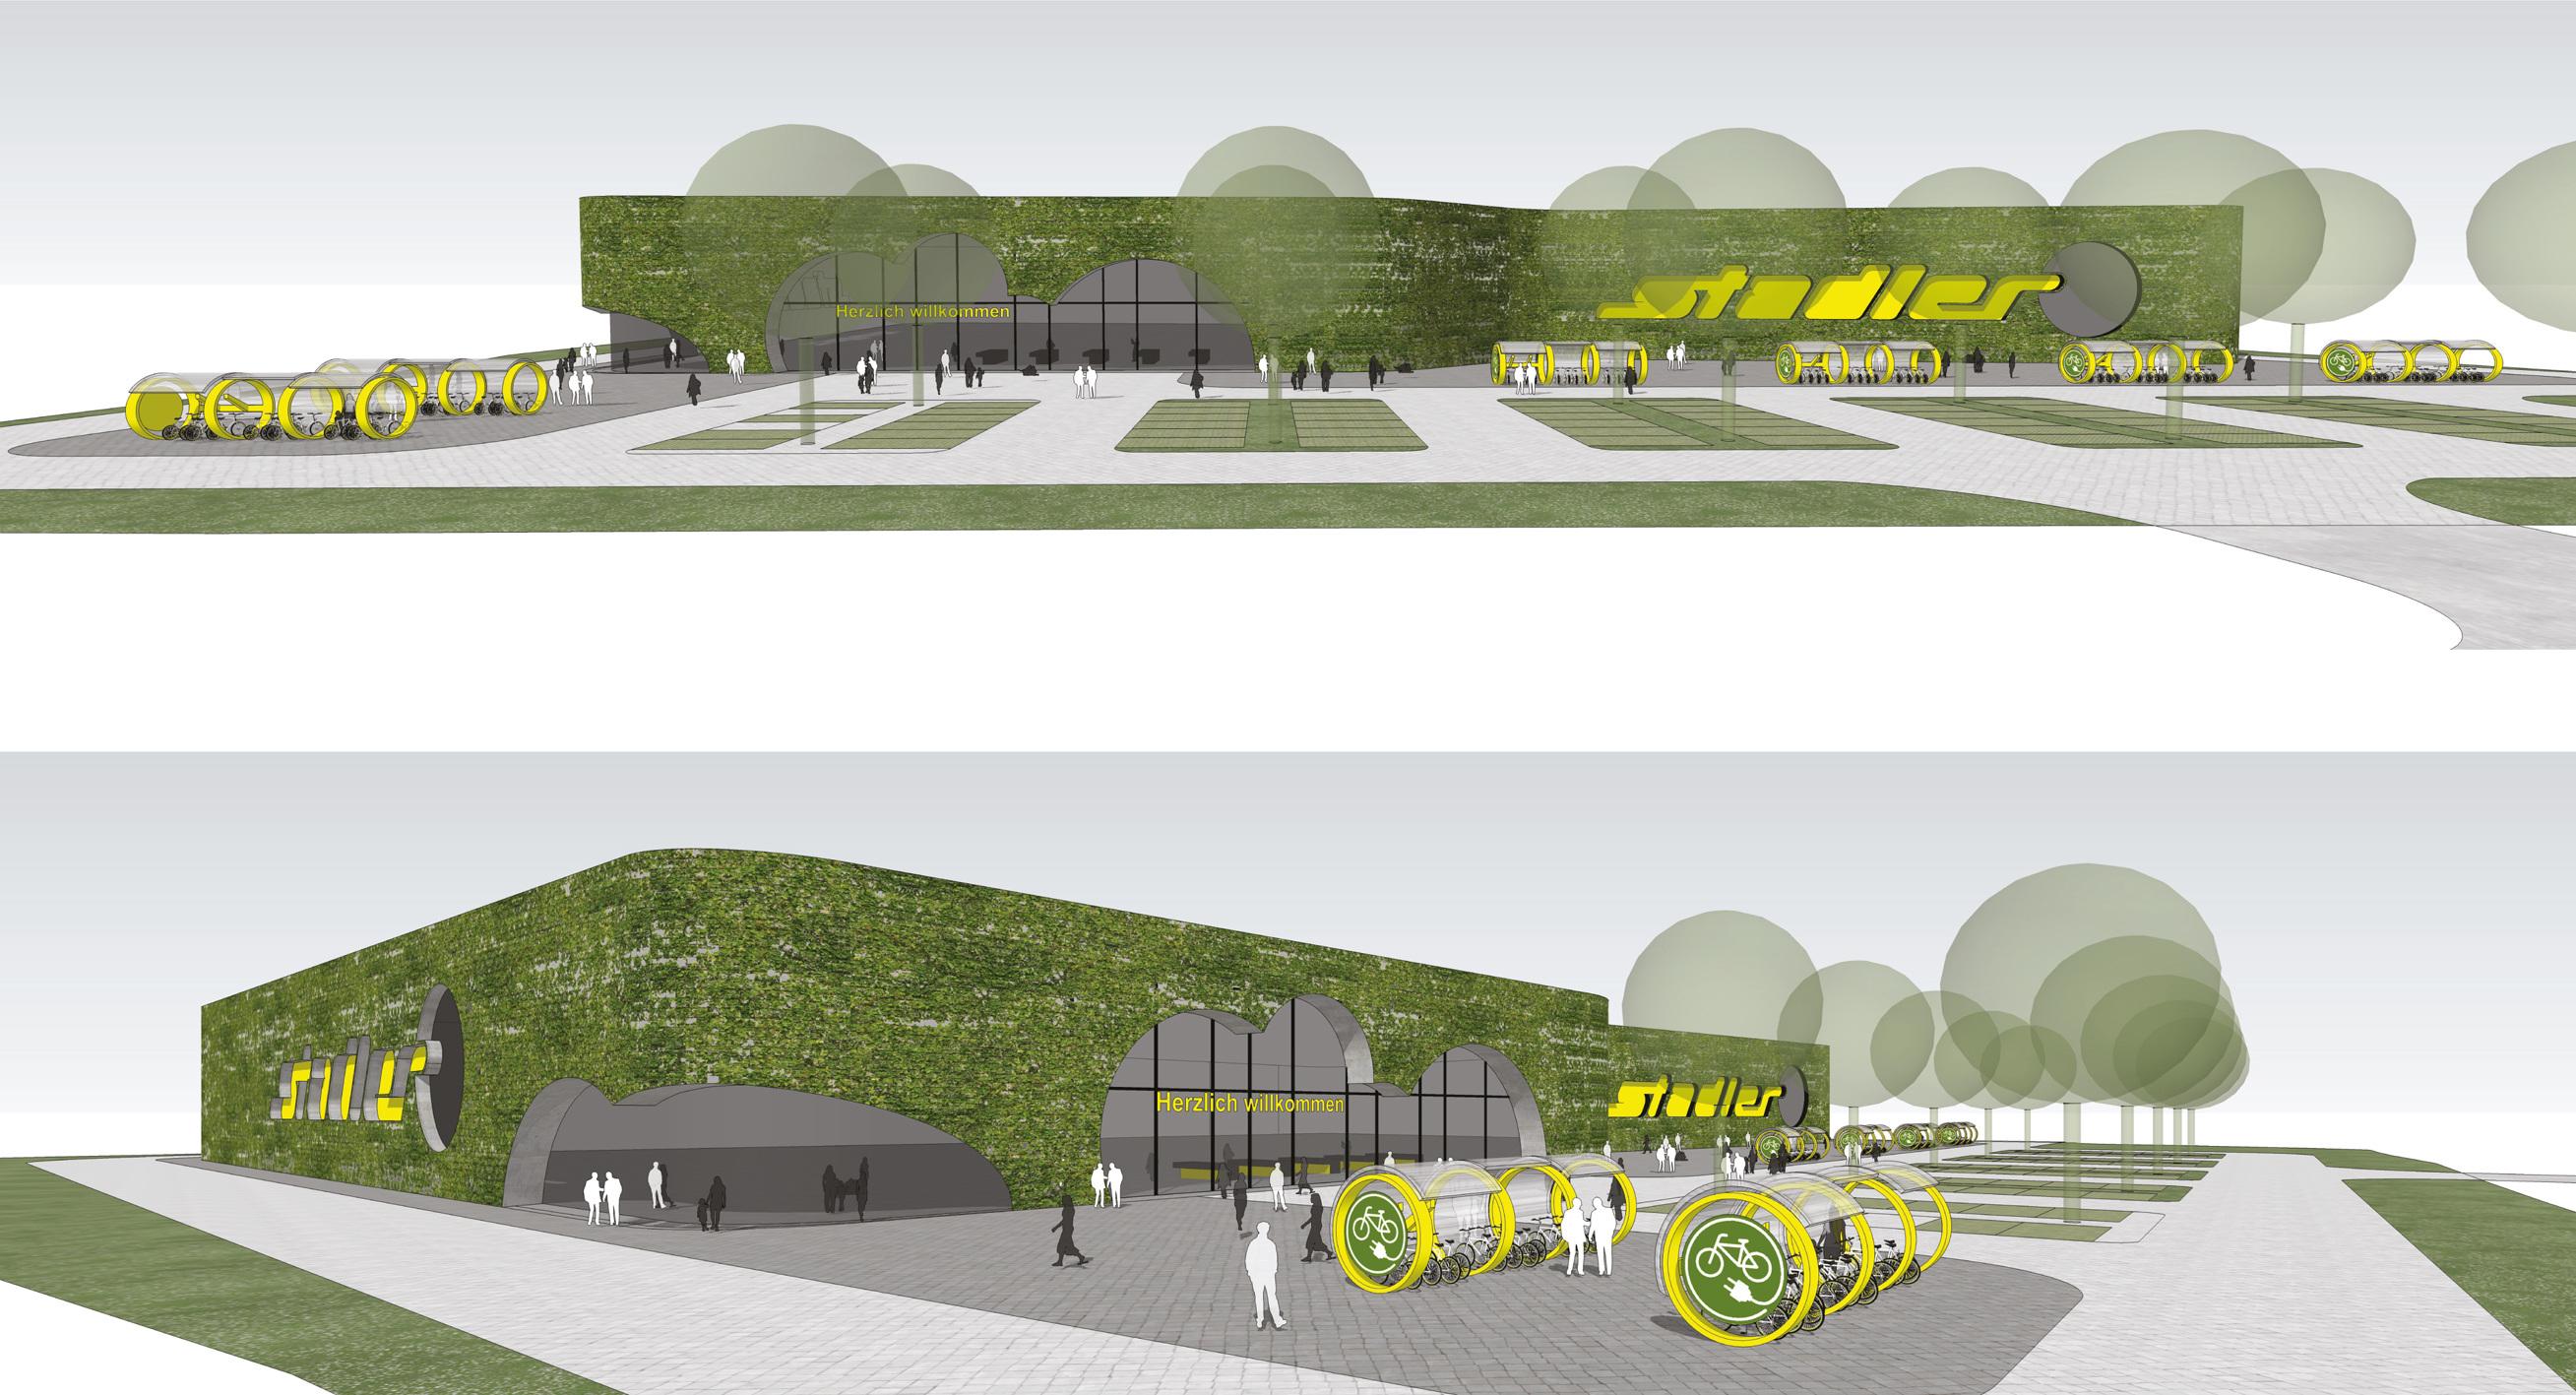 Architekten In Neuss stadler neuss gnädinger architekten rolf gnädinger